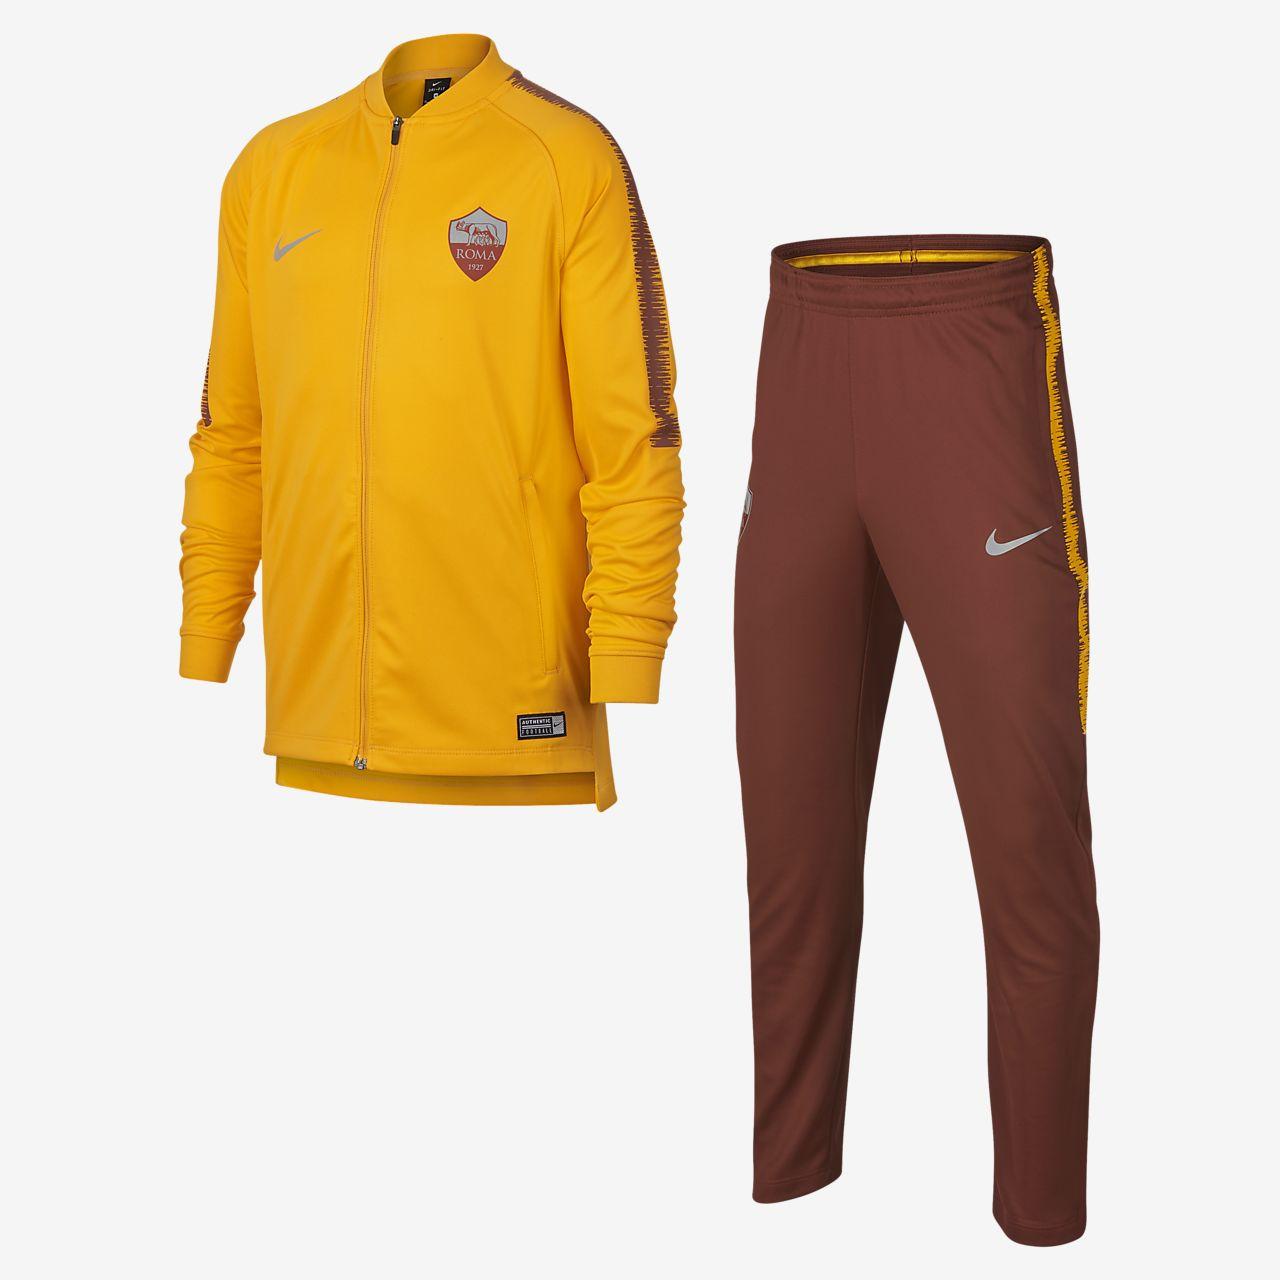 A.S. Rom Dri-FIT Squad Fußball-Trainingsanzug für ältere Kinder